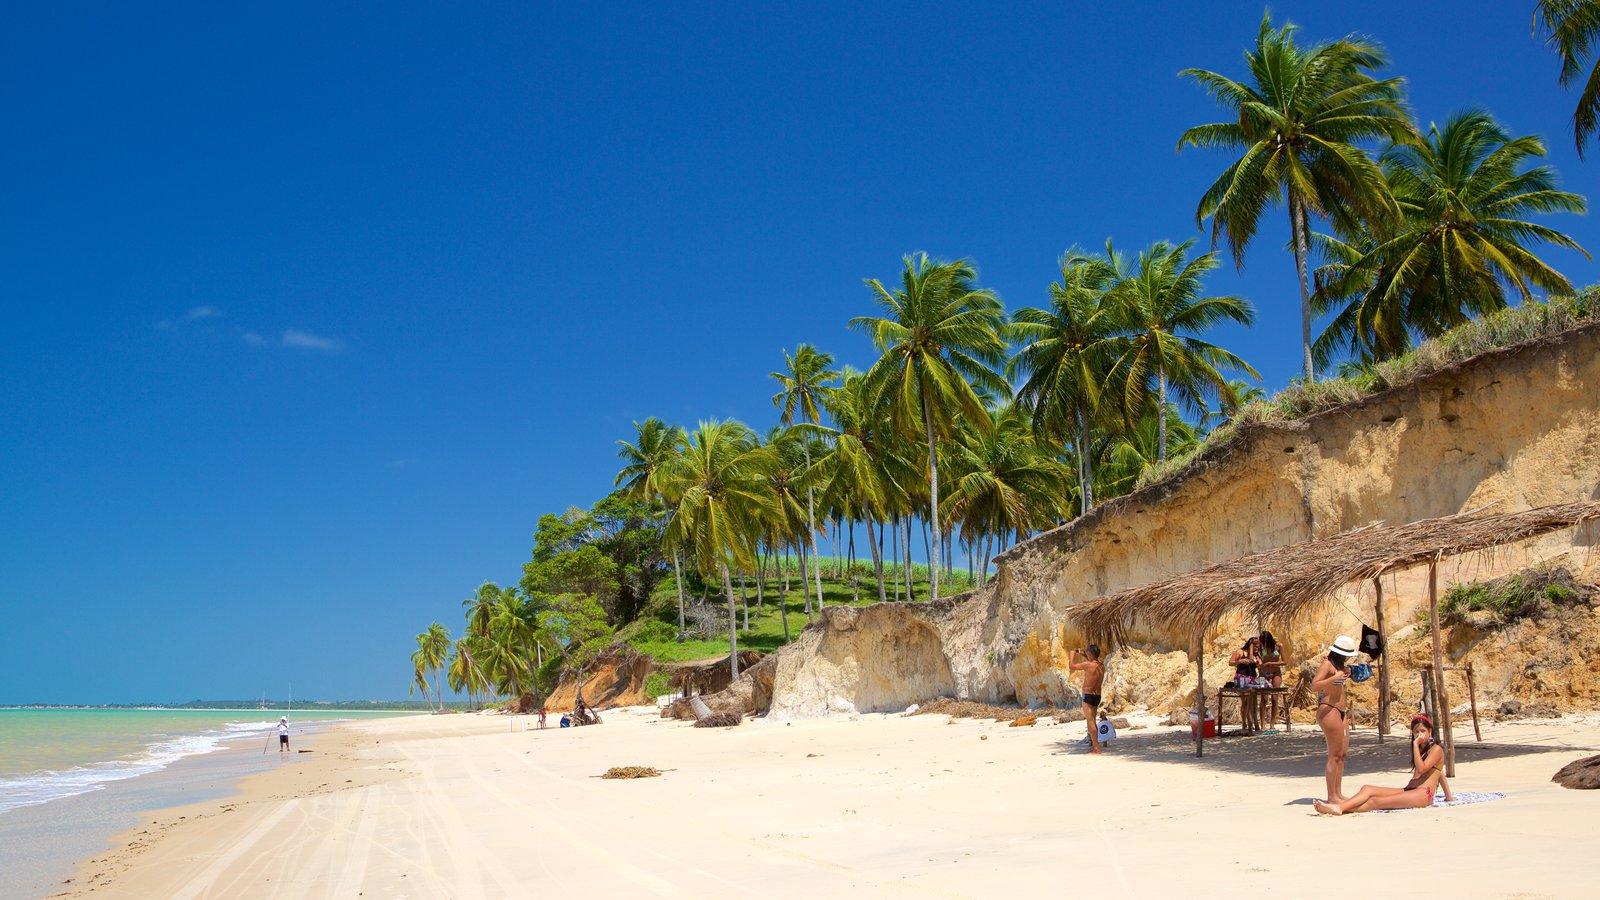 Maceió caracterizando cenas tropicais, uma praia de areia e paisagens litorâneas